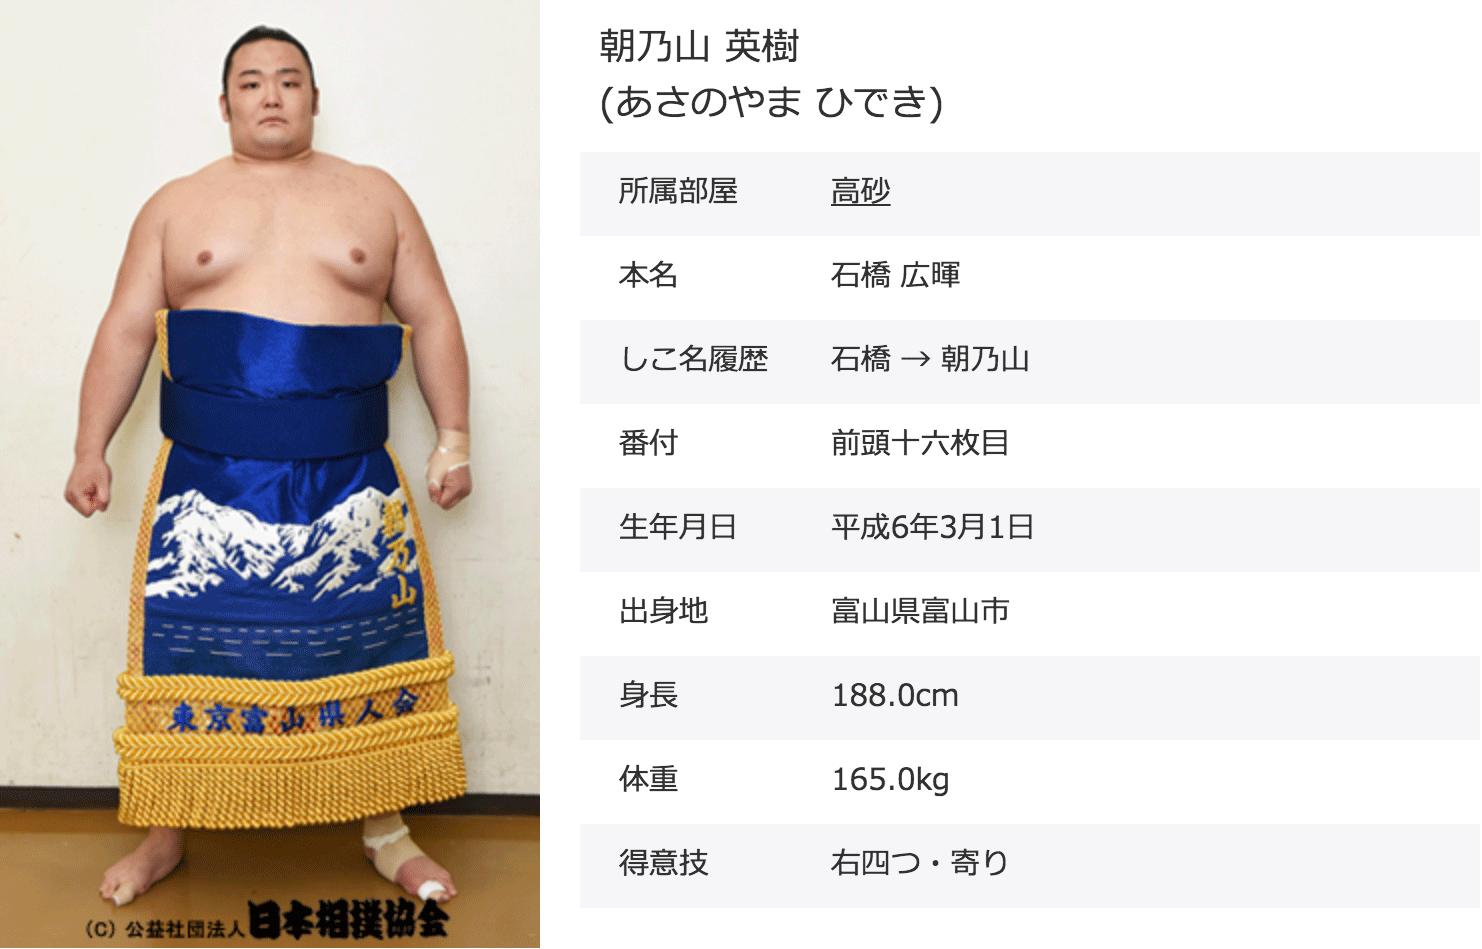 富山県出身力士、朝乃山英樹(あさのやまひでき)のプロフィール